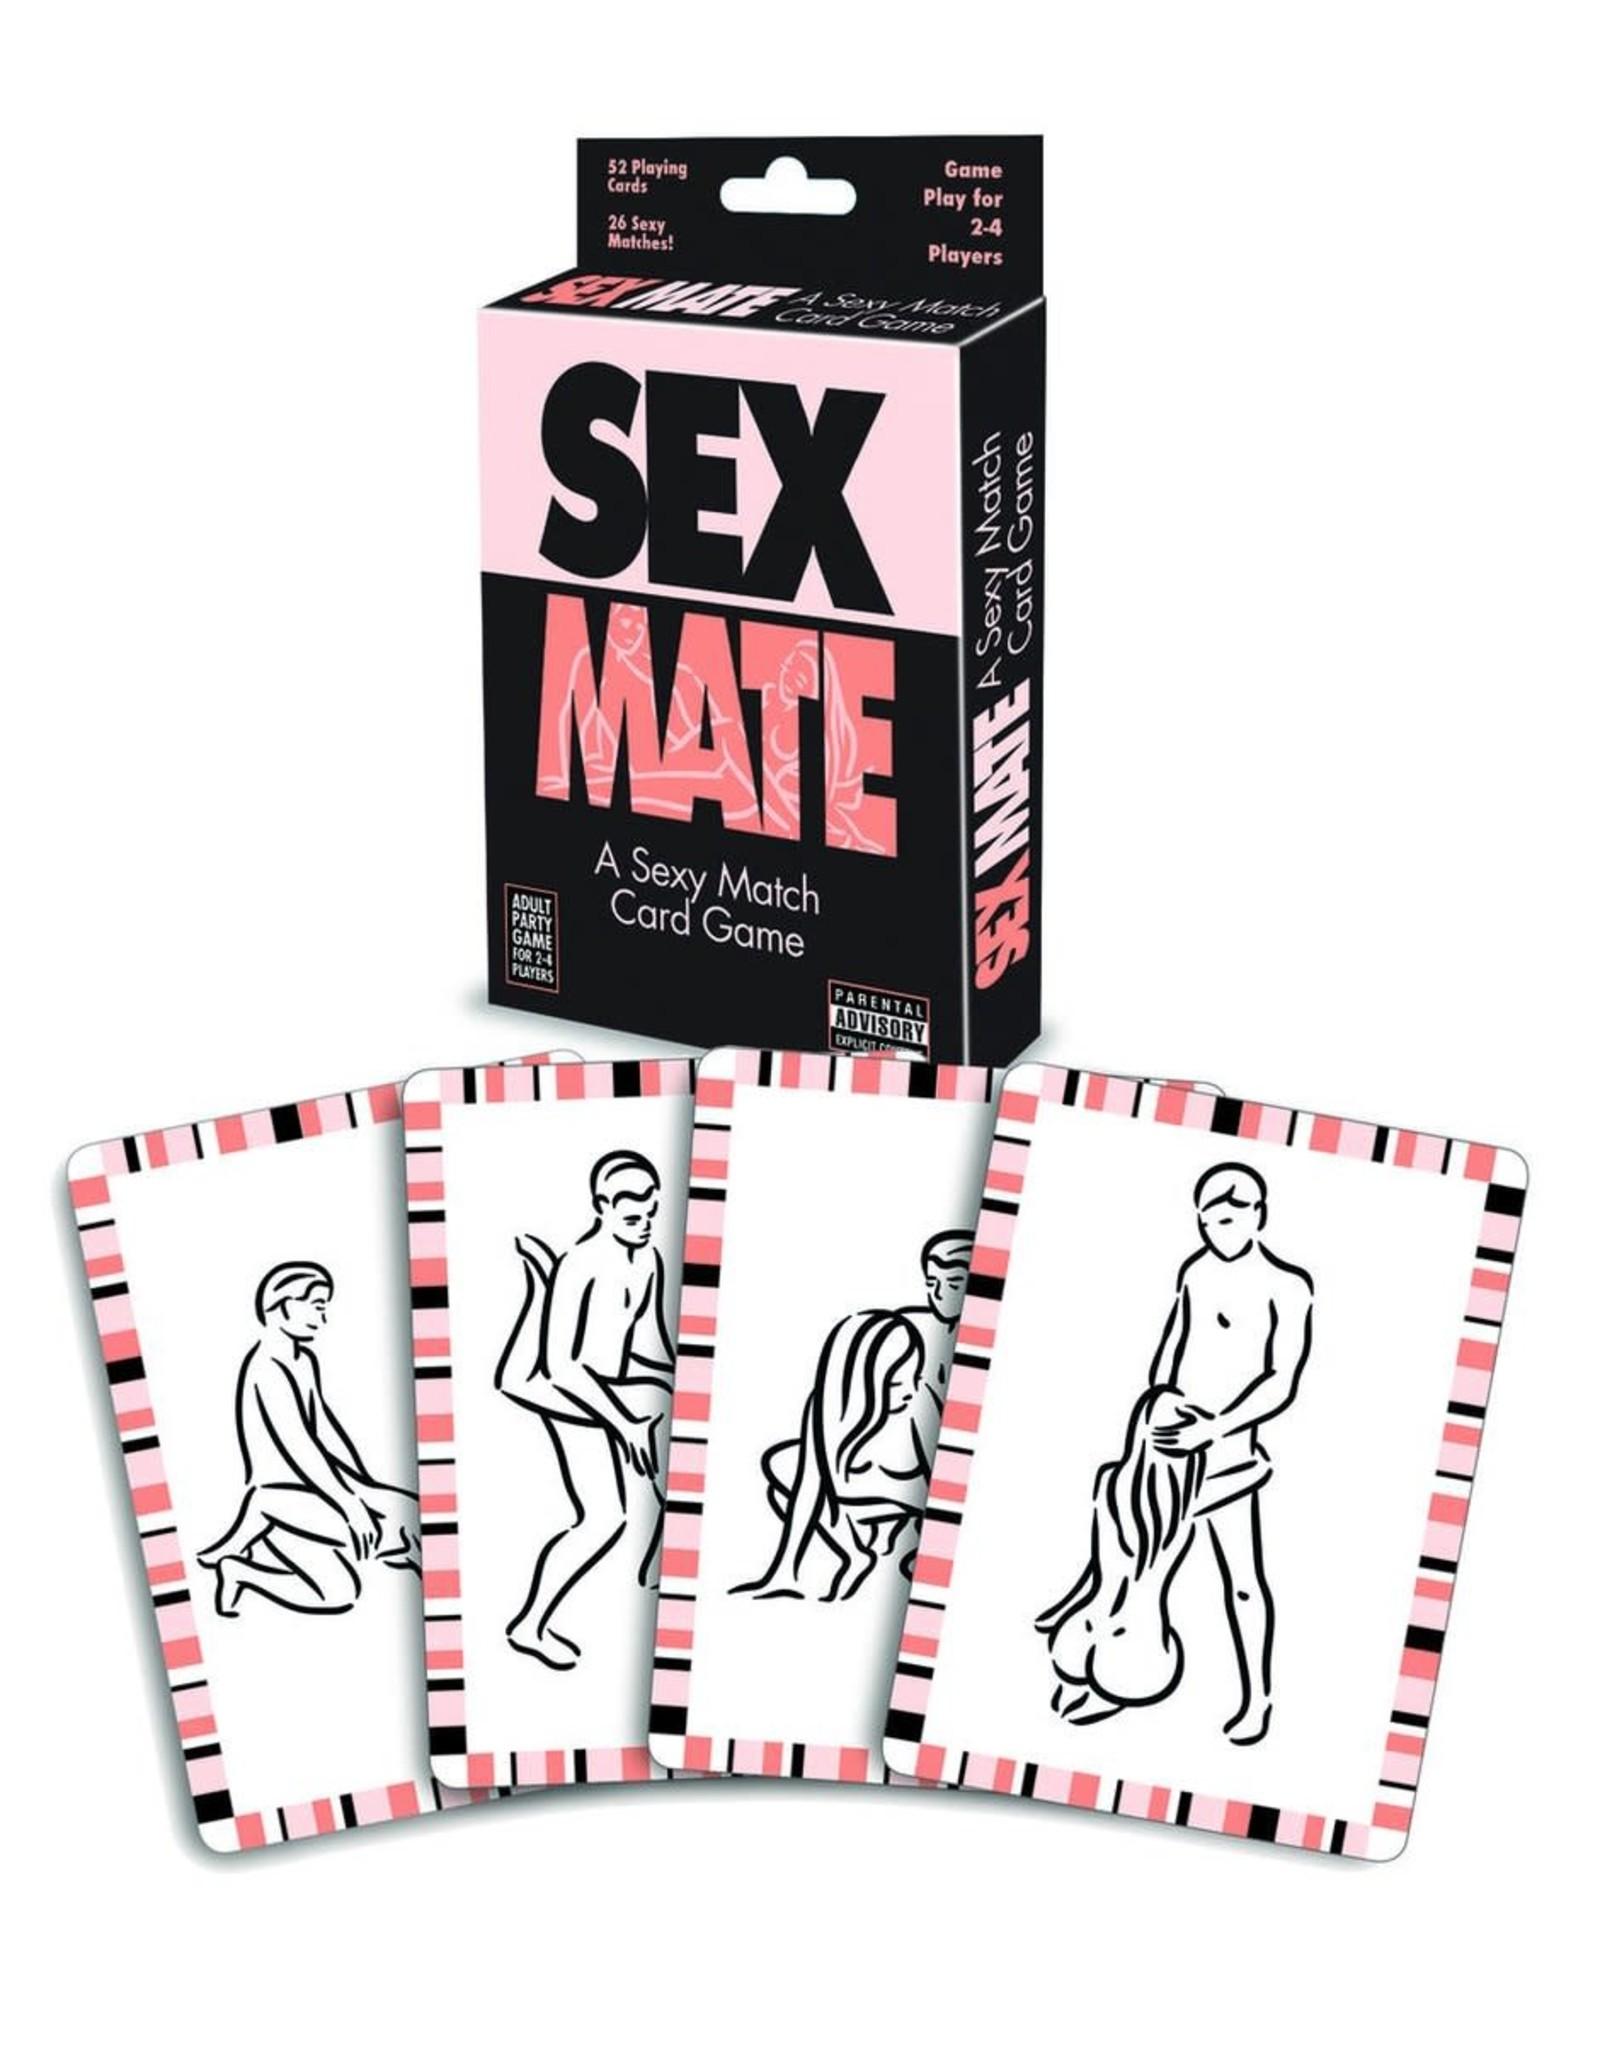 Sex Mate - A Sexy Match Card Game